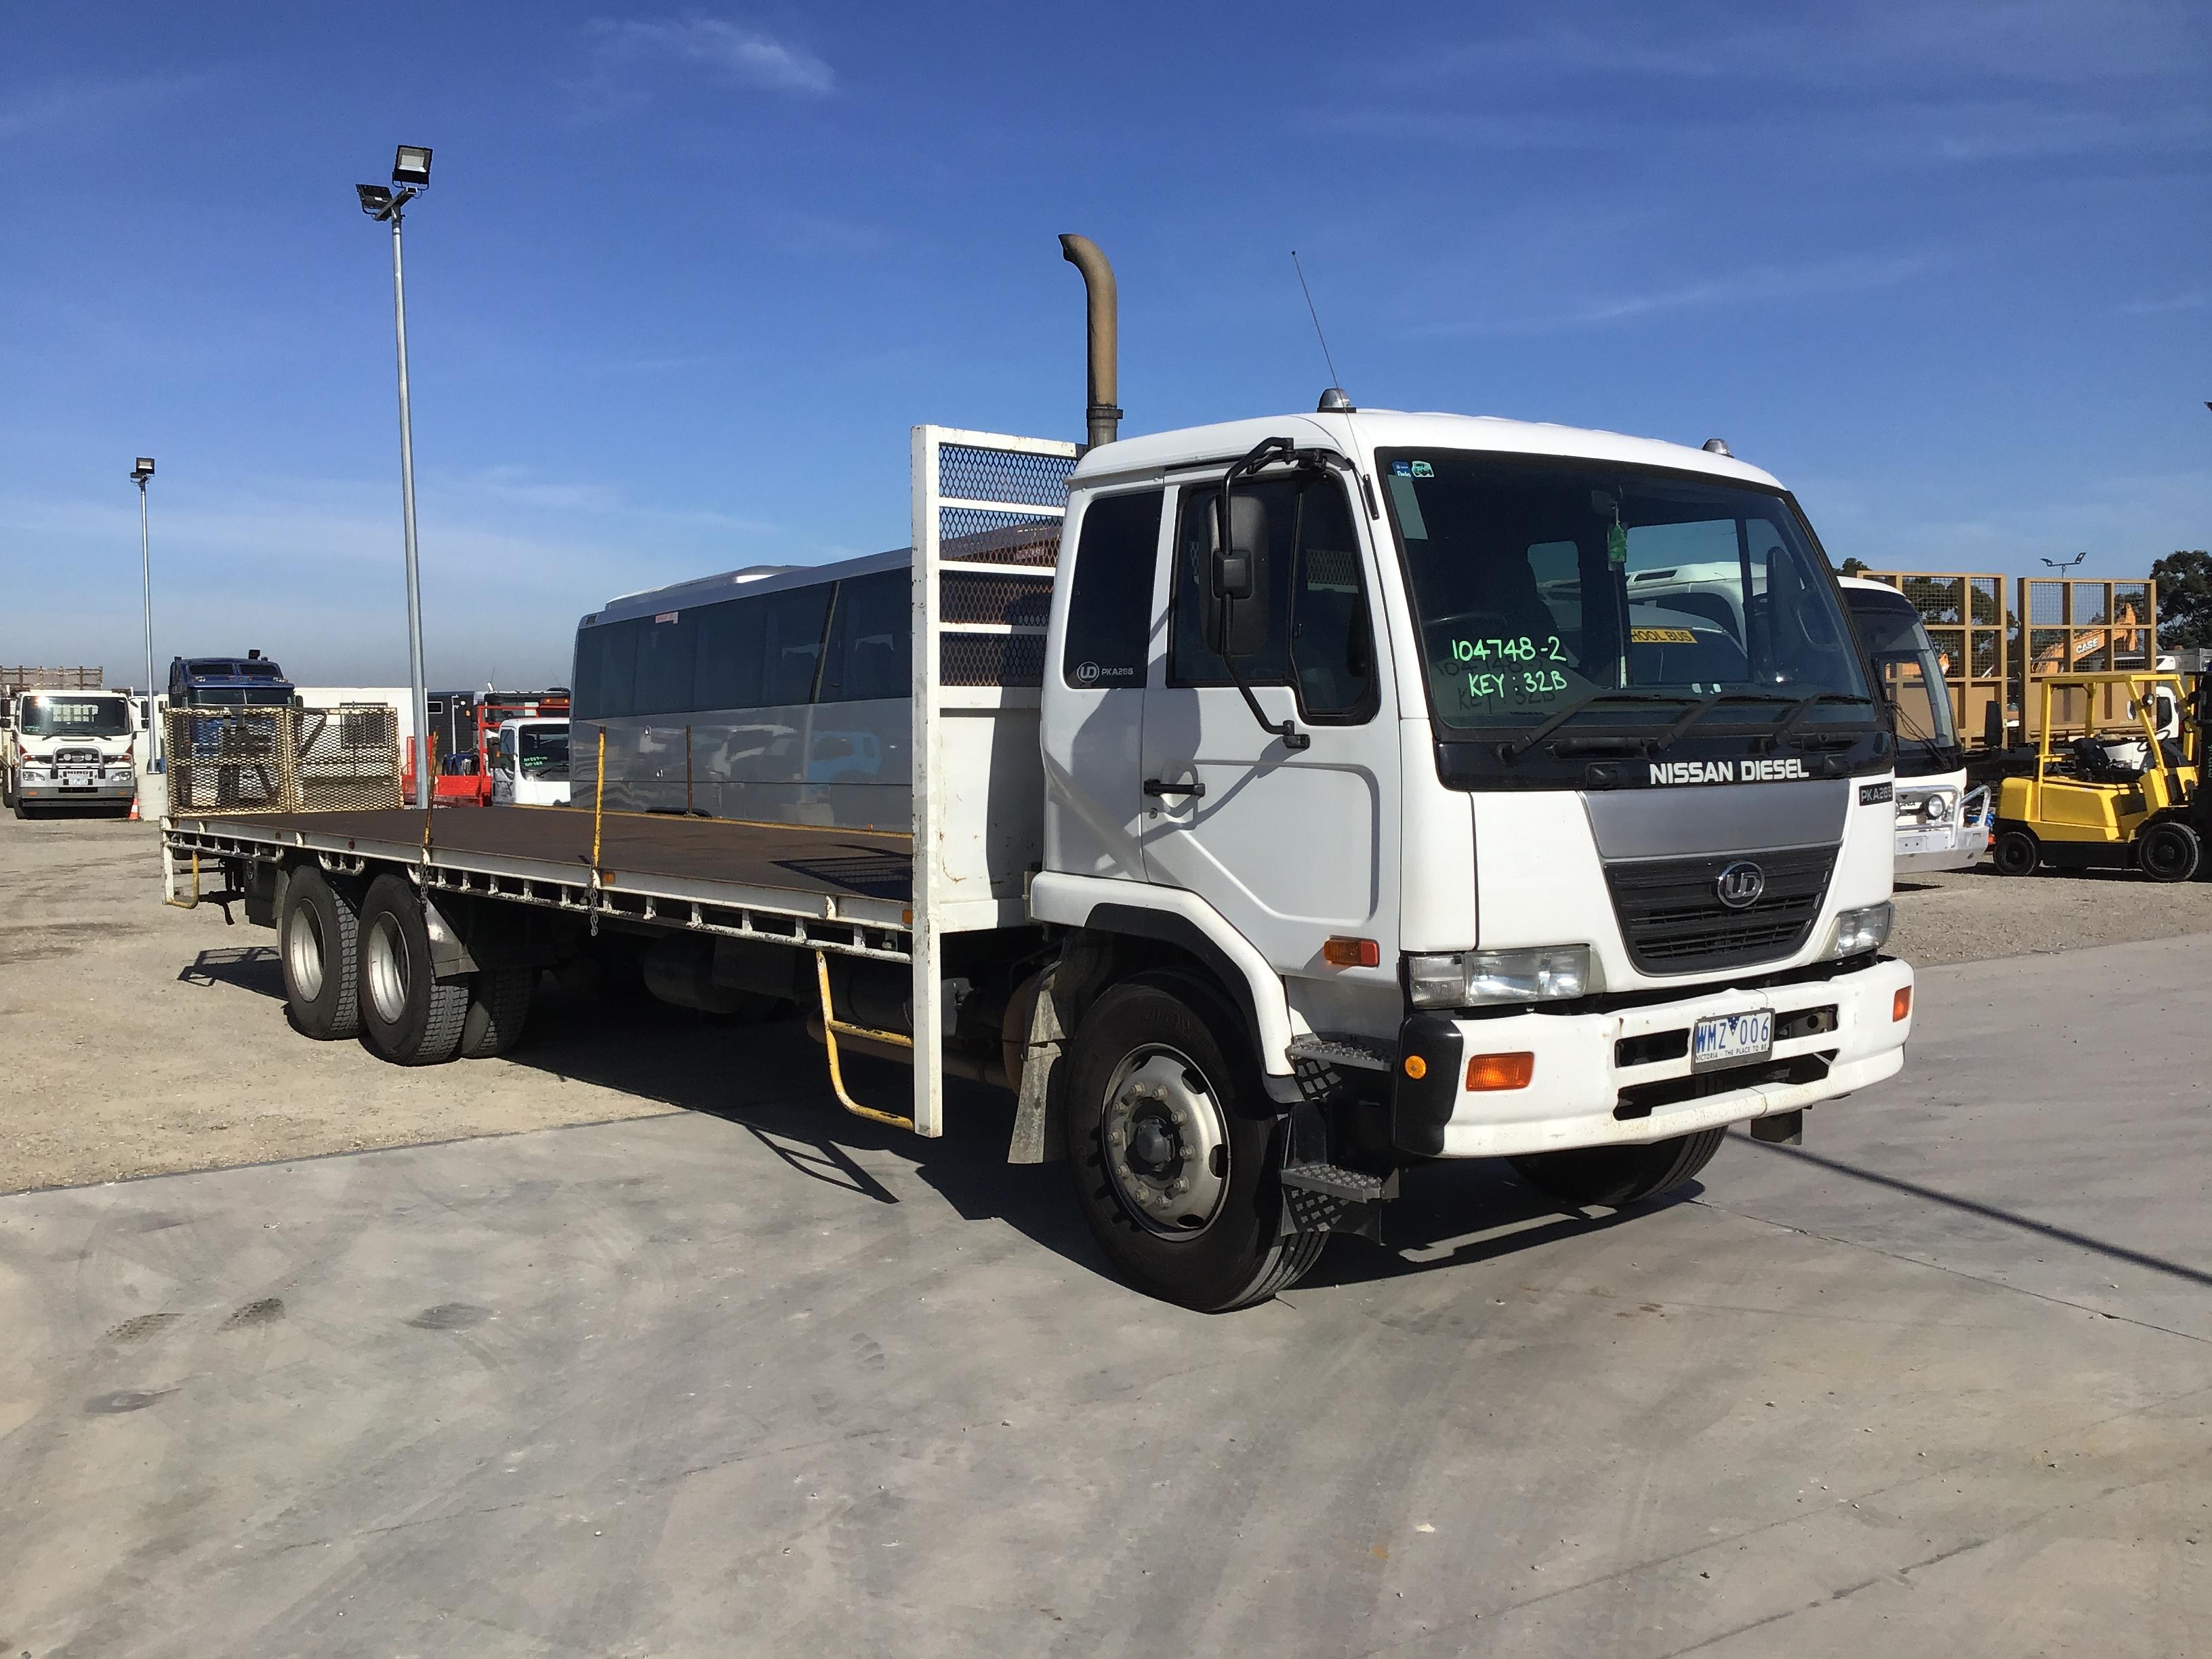 2007 Nissan PKA265 6 x 2 Tray Body Truck